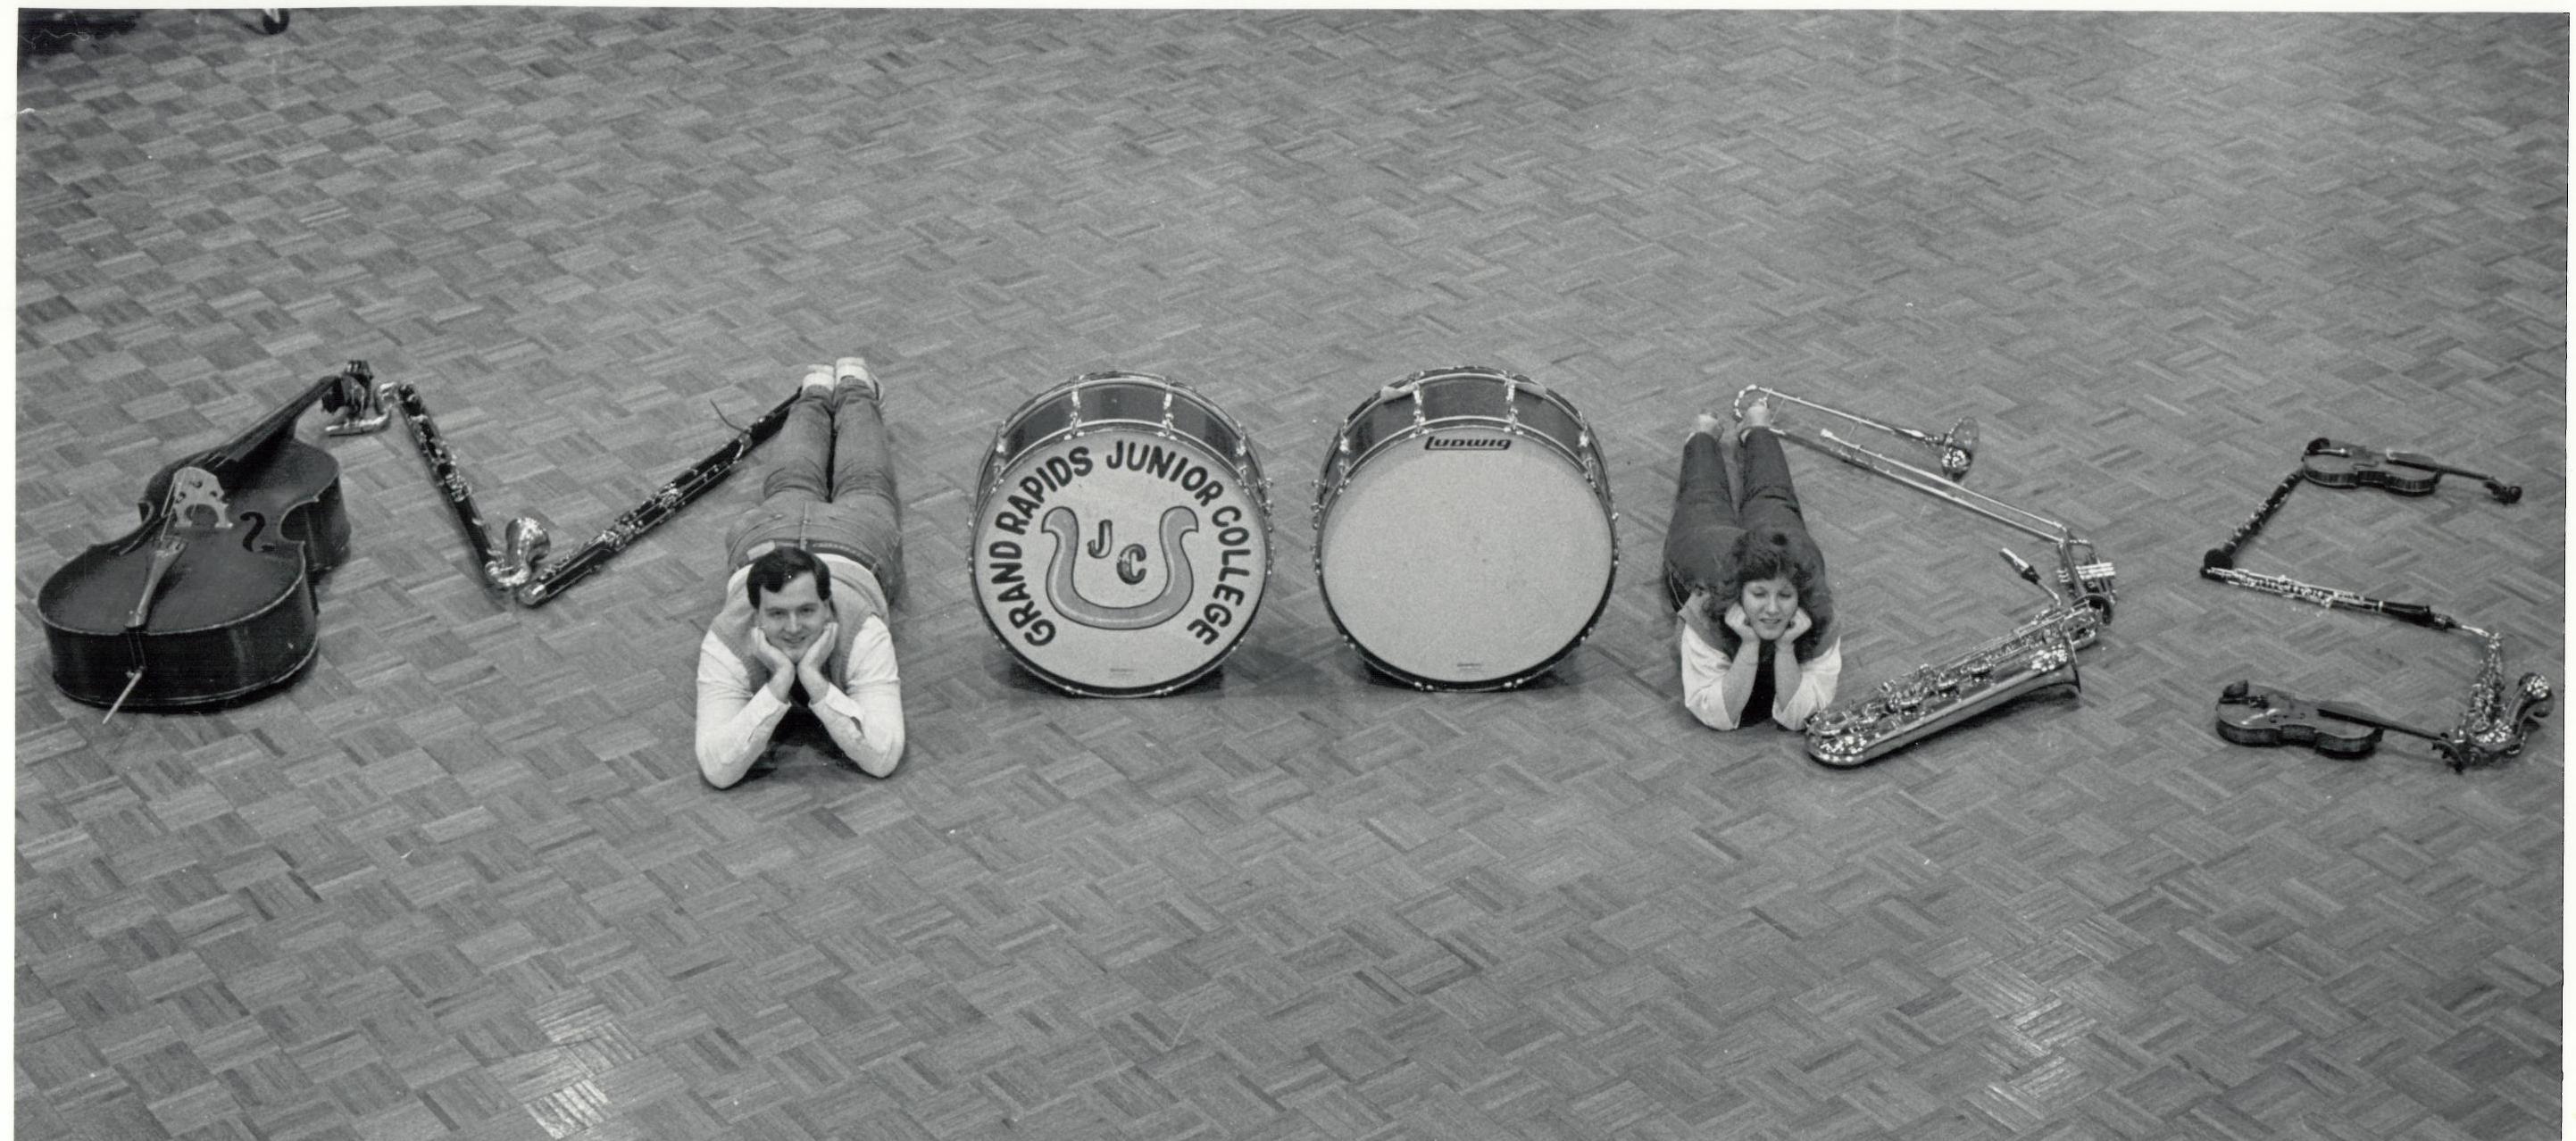 Moods written in instruments